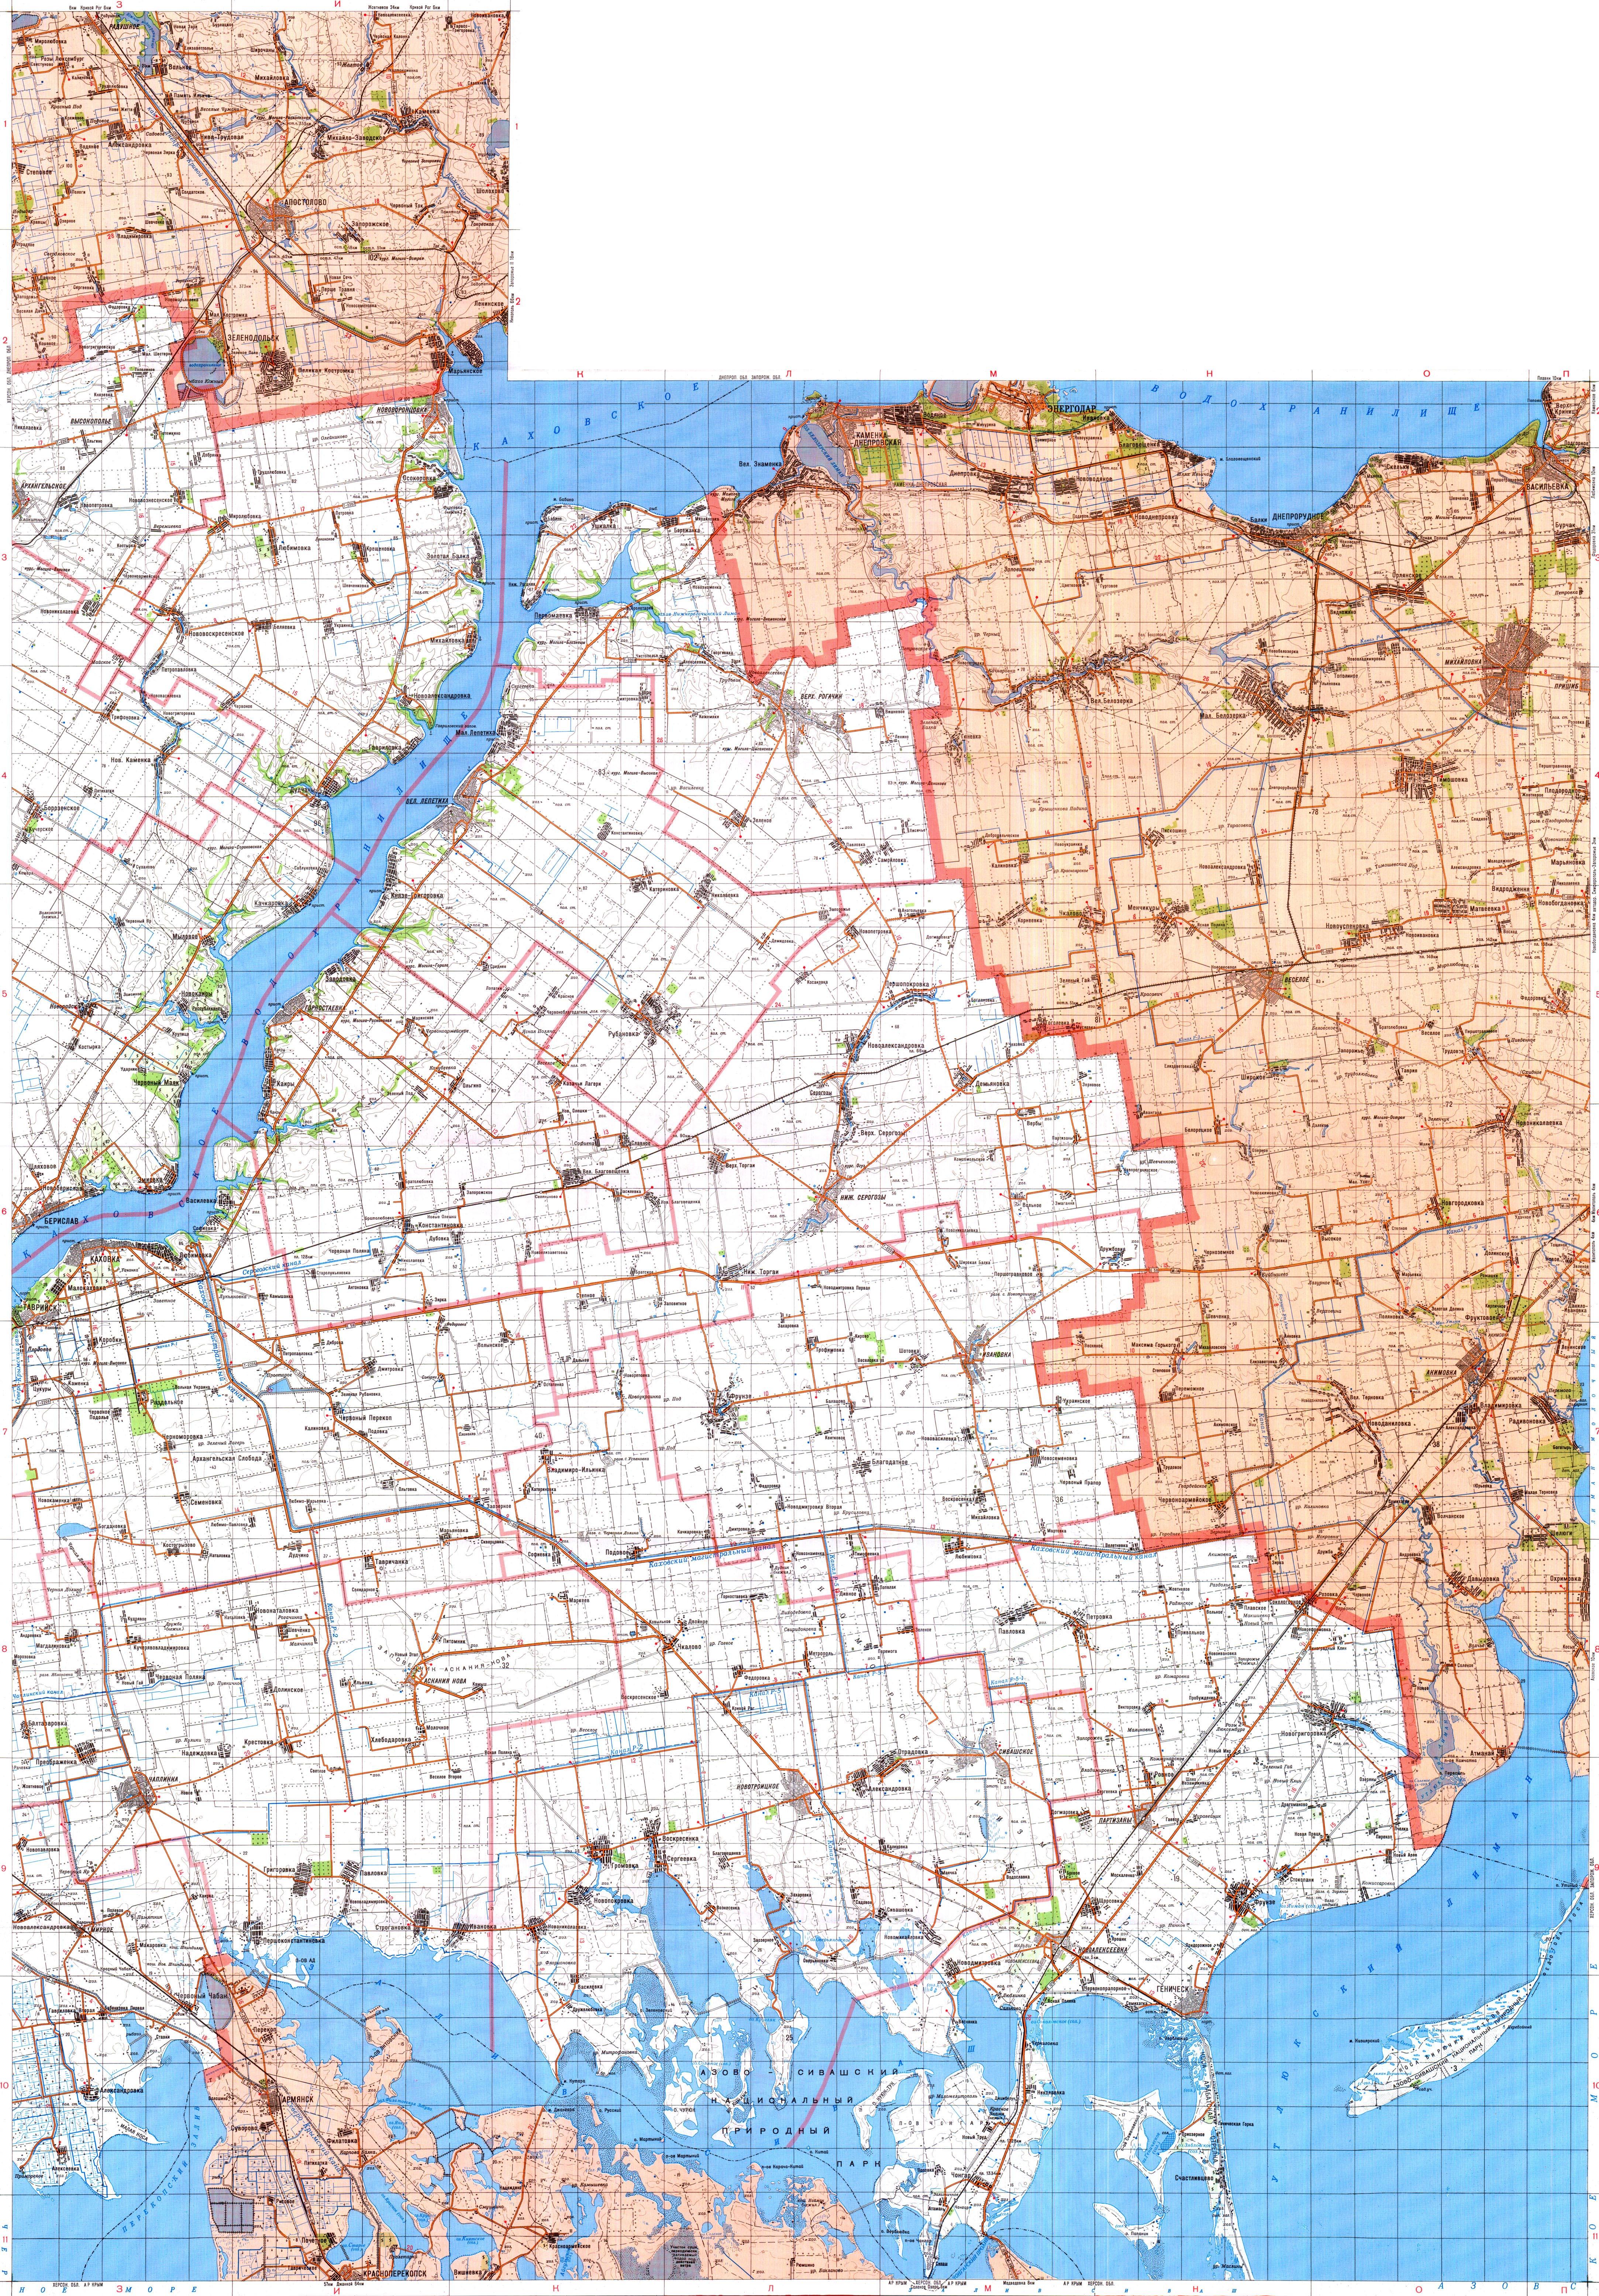 Херсонская область. Топографические карты Херсонской ...: http://www.raster-maps.com/topographical-map-of-ukraine-20/